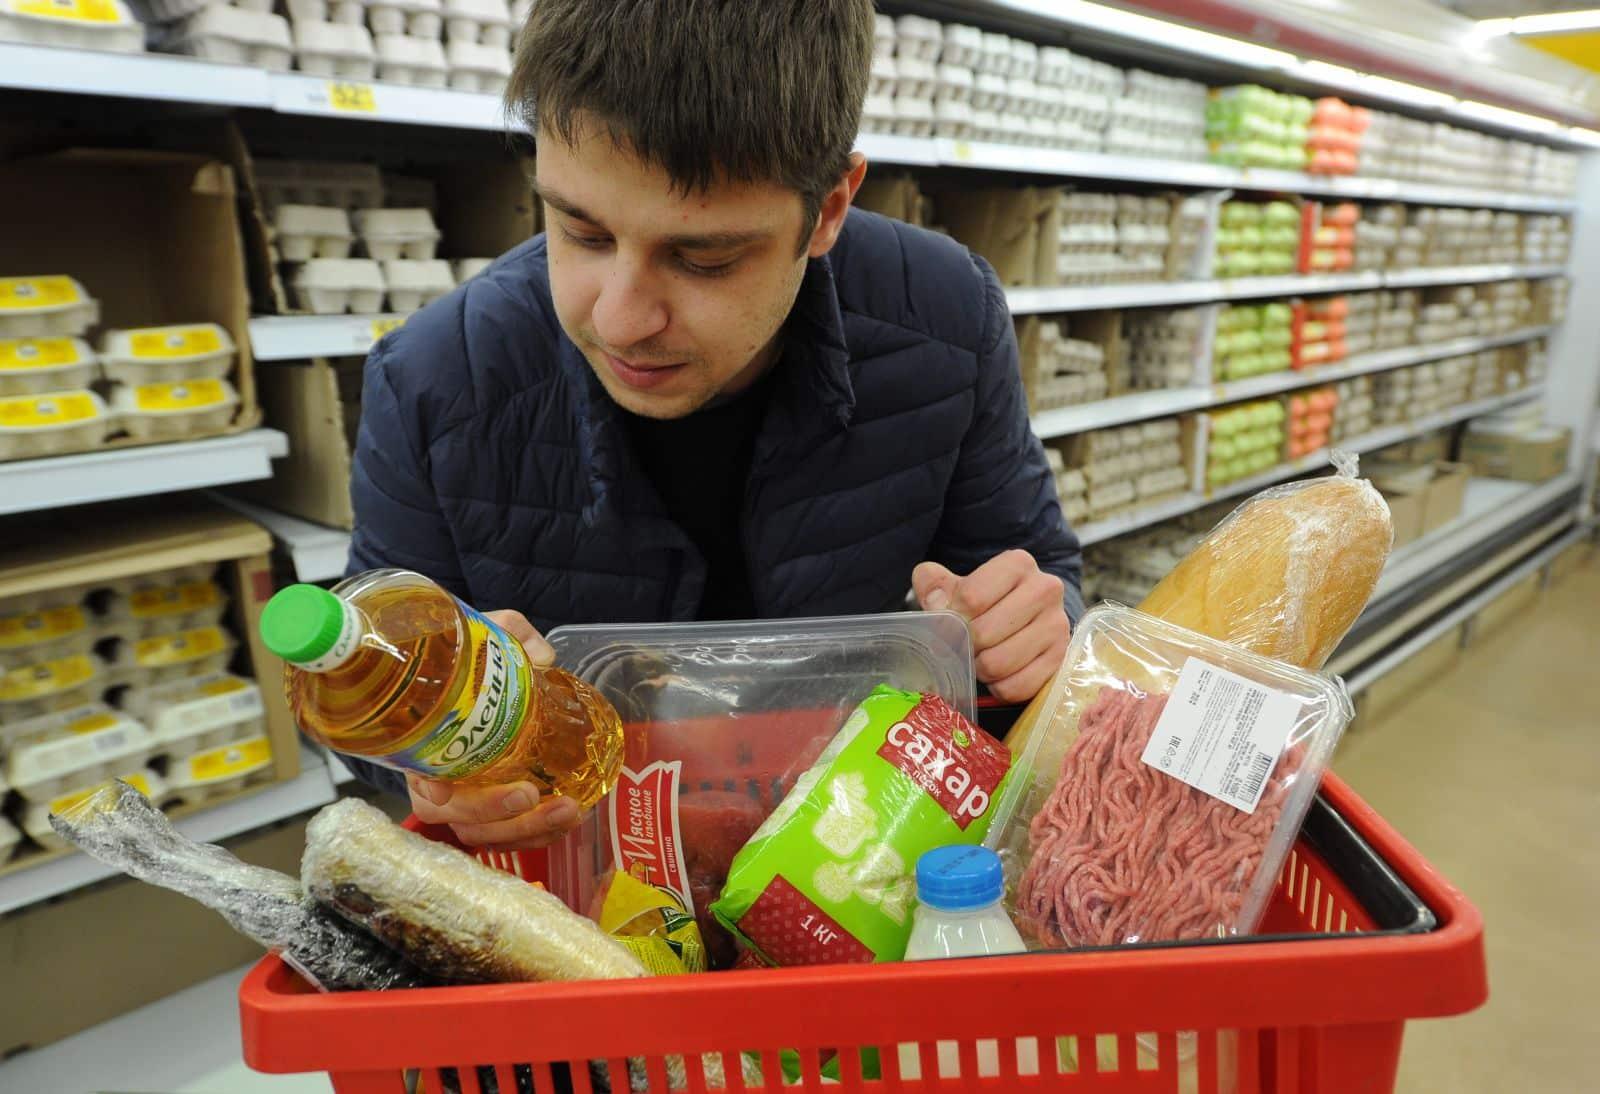 Политолог предупреждает о резком росте цен: правительство совершает необдуманные шаги